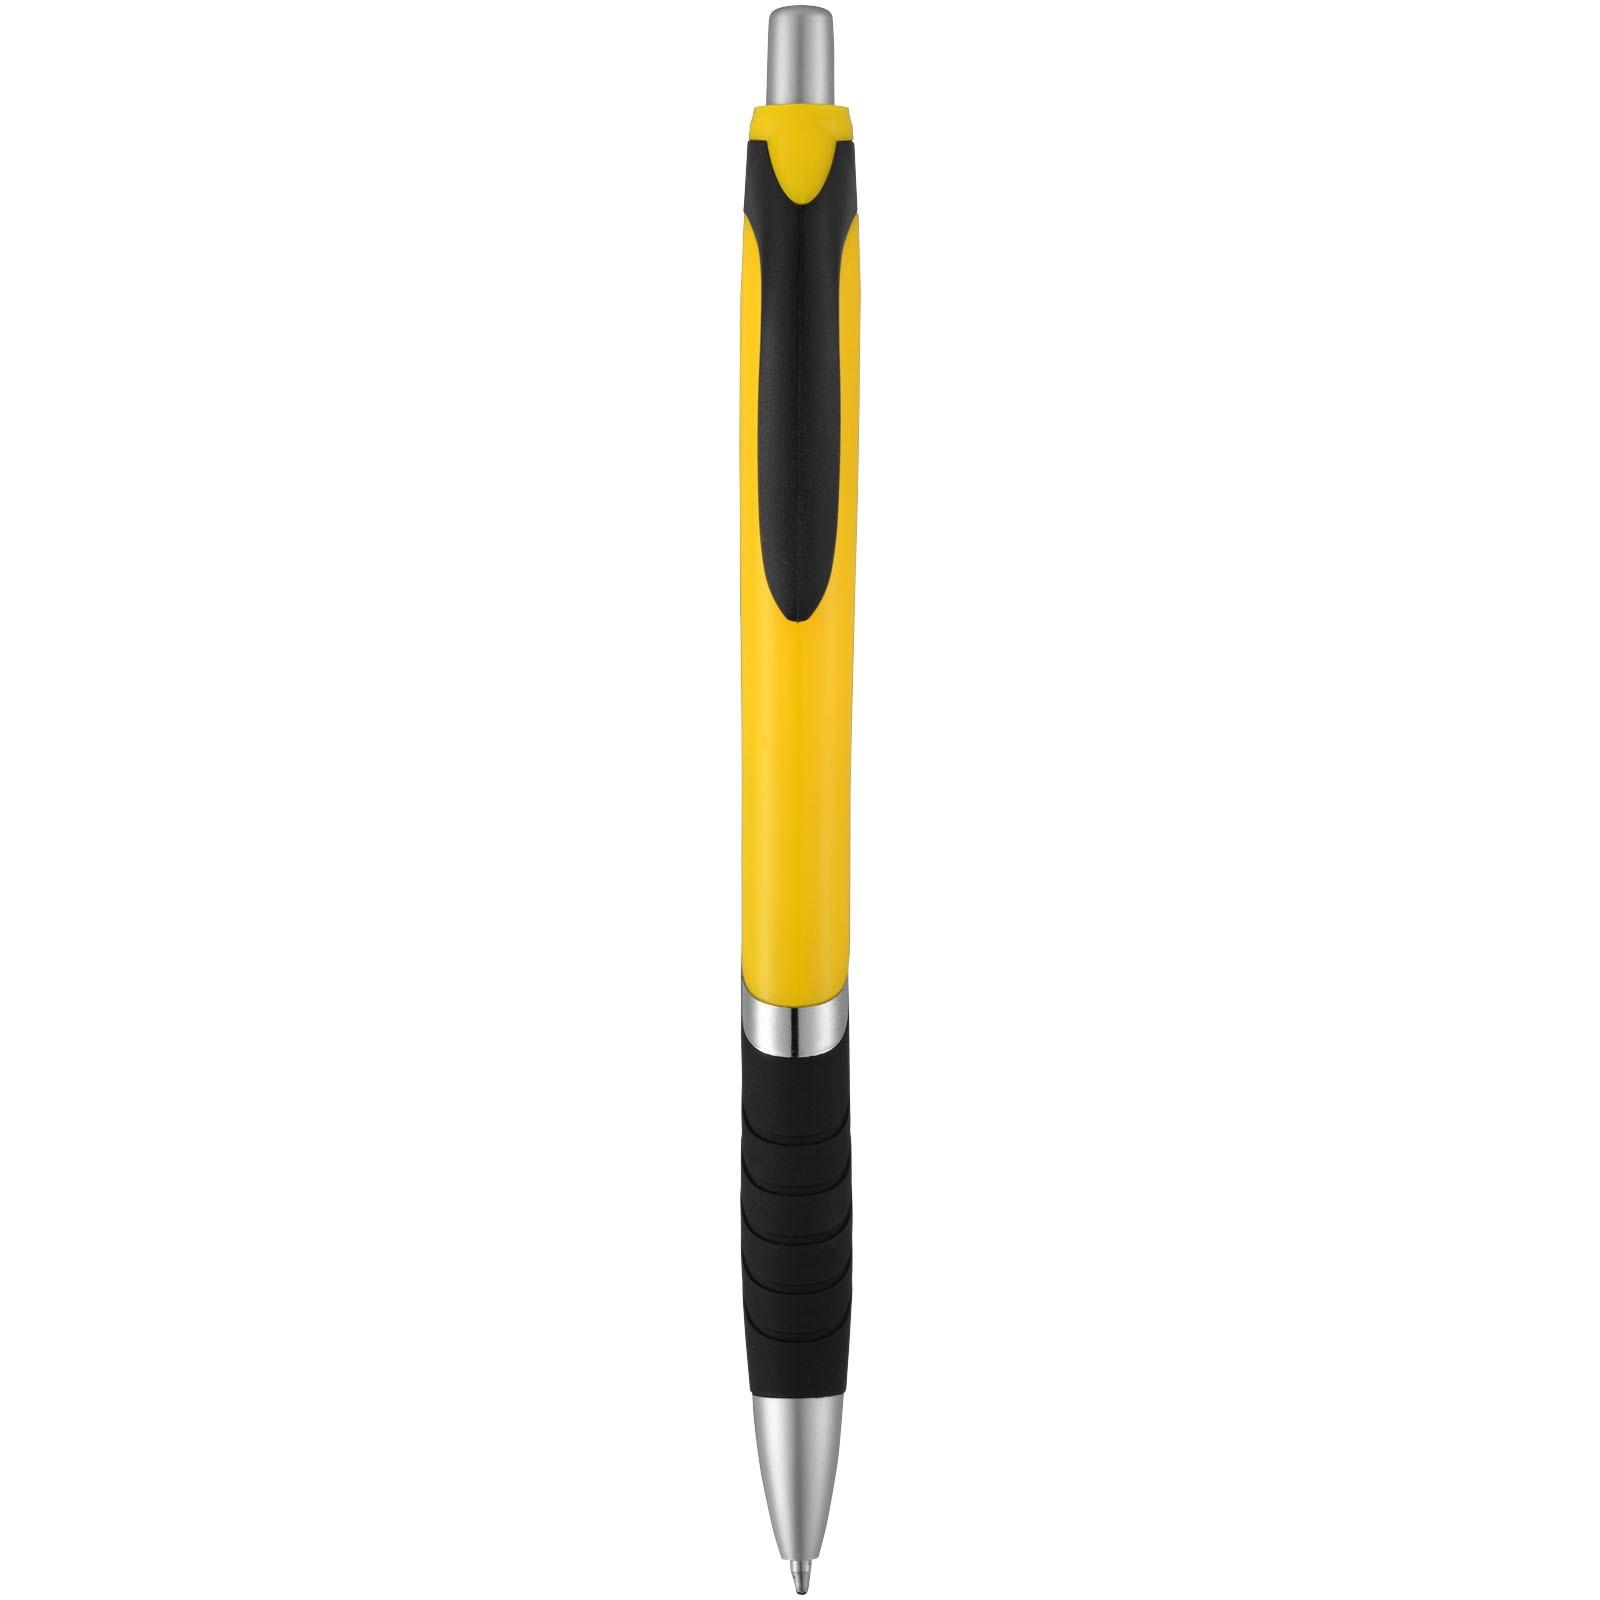 Neprůhledné kuličkové pero Turbo s pryžovým úchopem - Žlutá / Černá